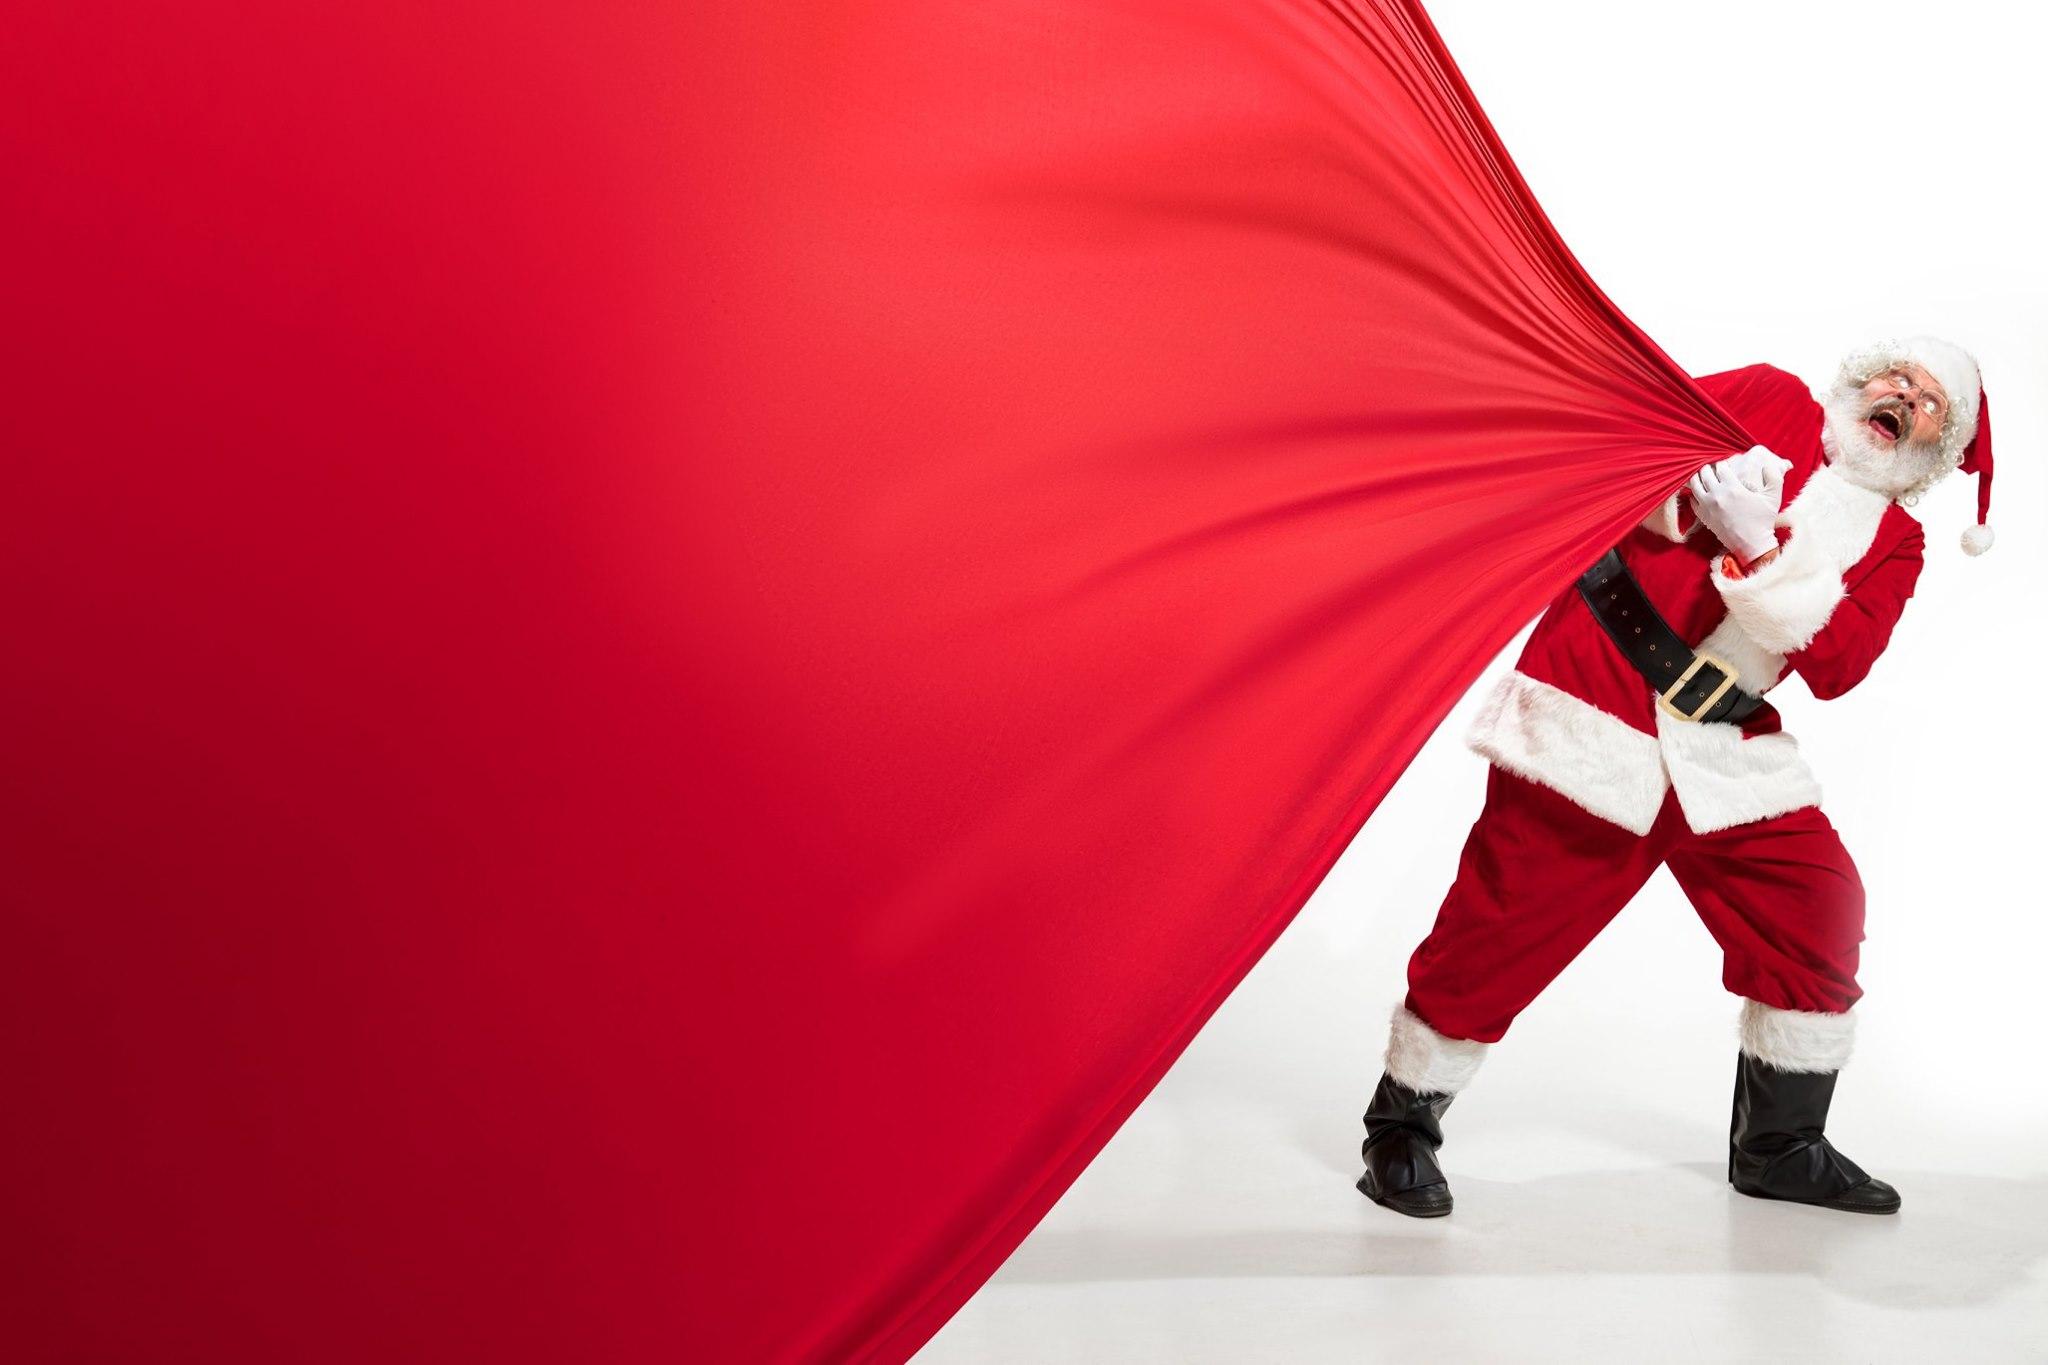 صور بابا نويل للكتابه عليها 1 صور بابا نويل للكتابه عليها